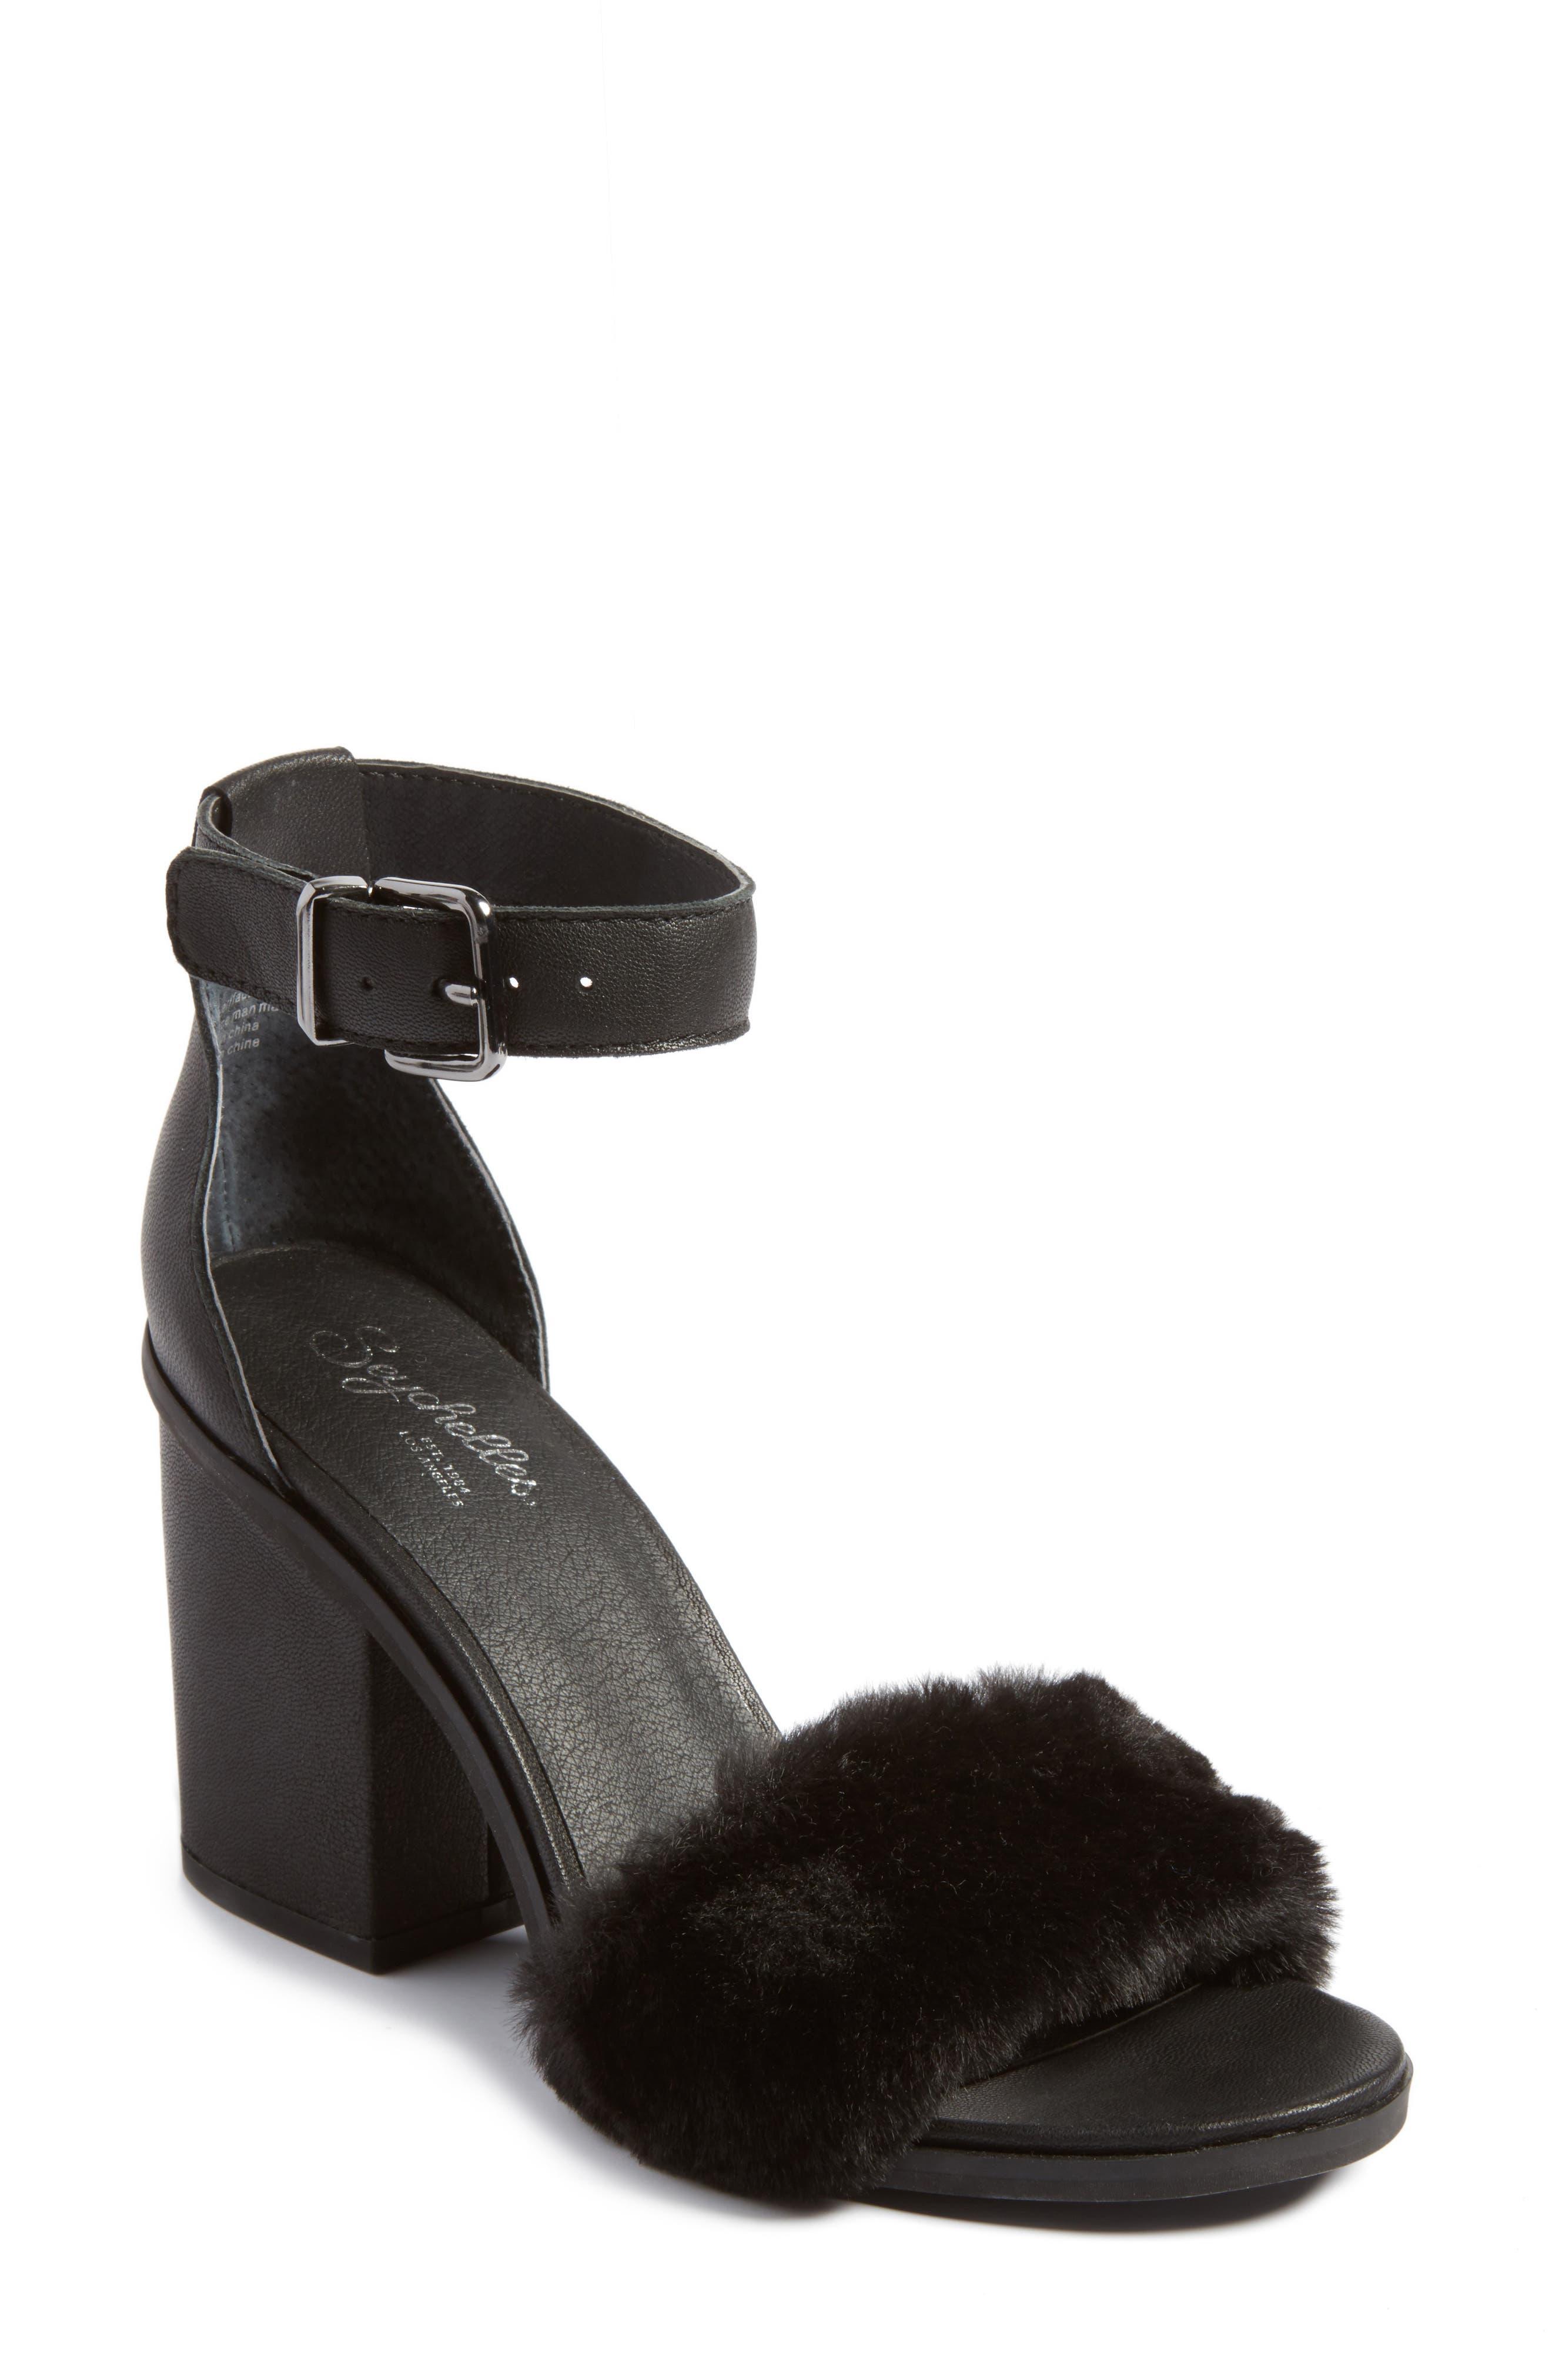 Faux Fur Ankle Strap Sandal,                             Main thumbnail 1, color,                             Black Faux Fur Leather